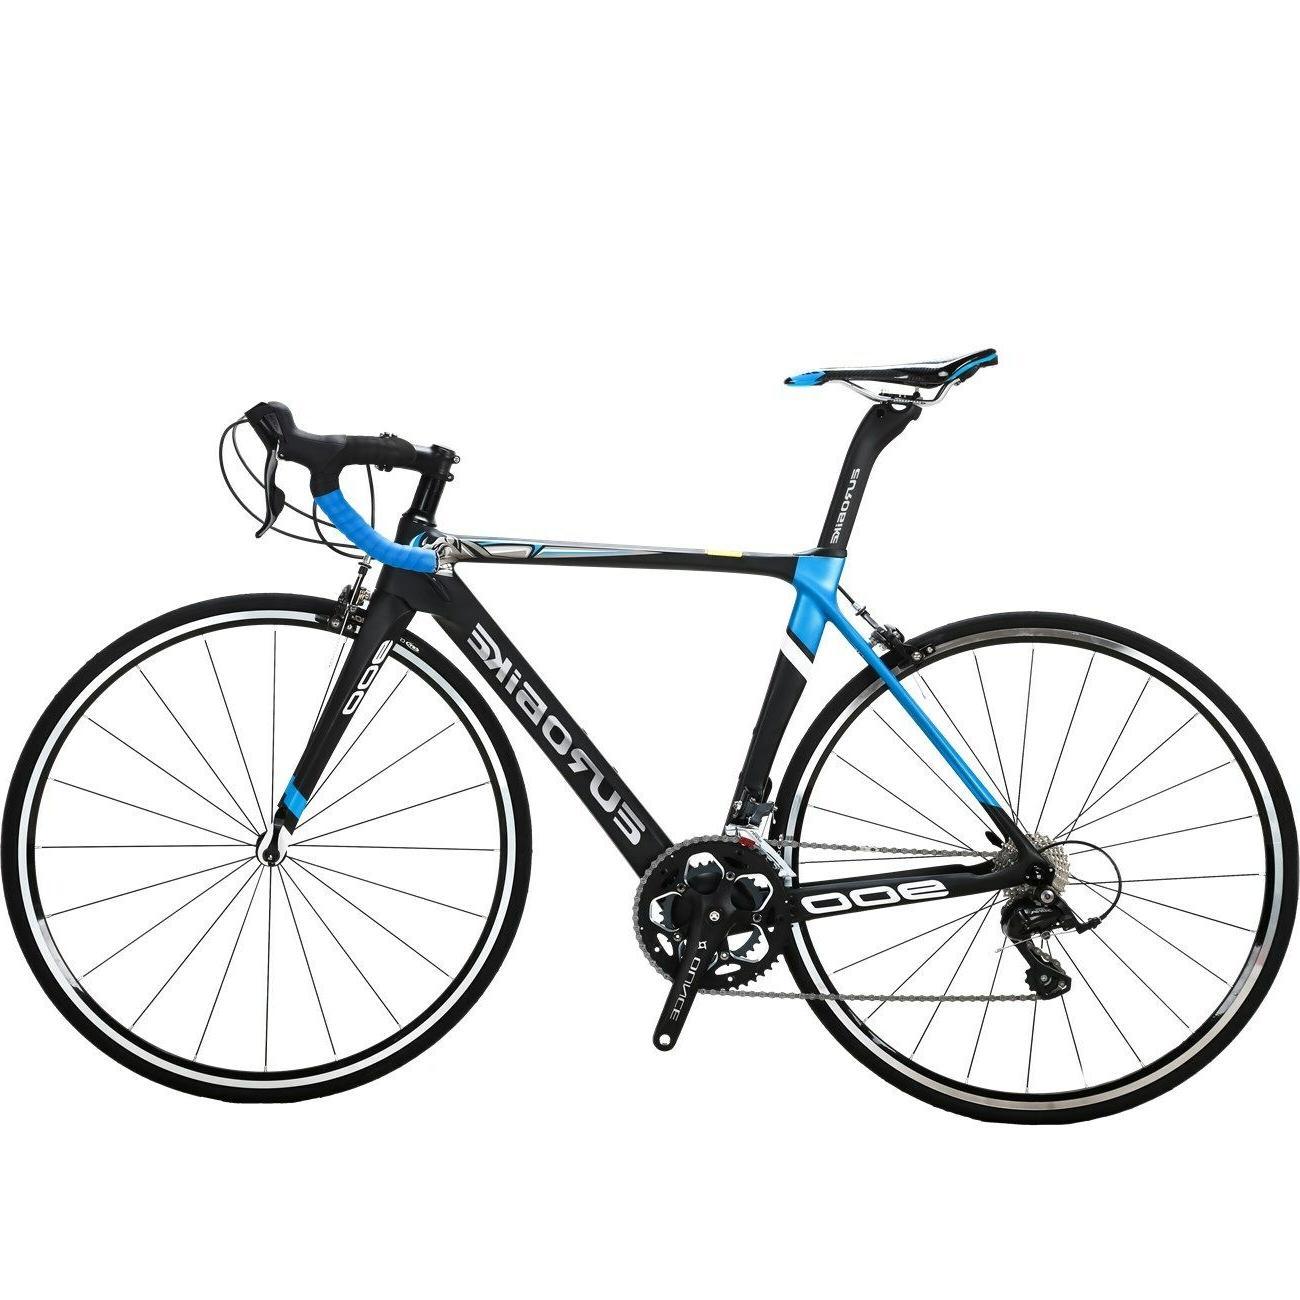 700c road bike carbon fiber shimano 18